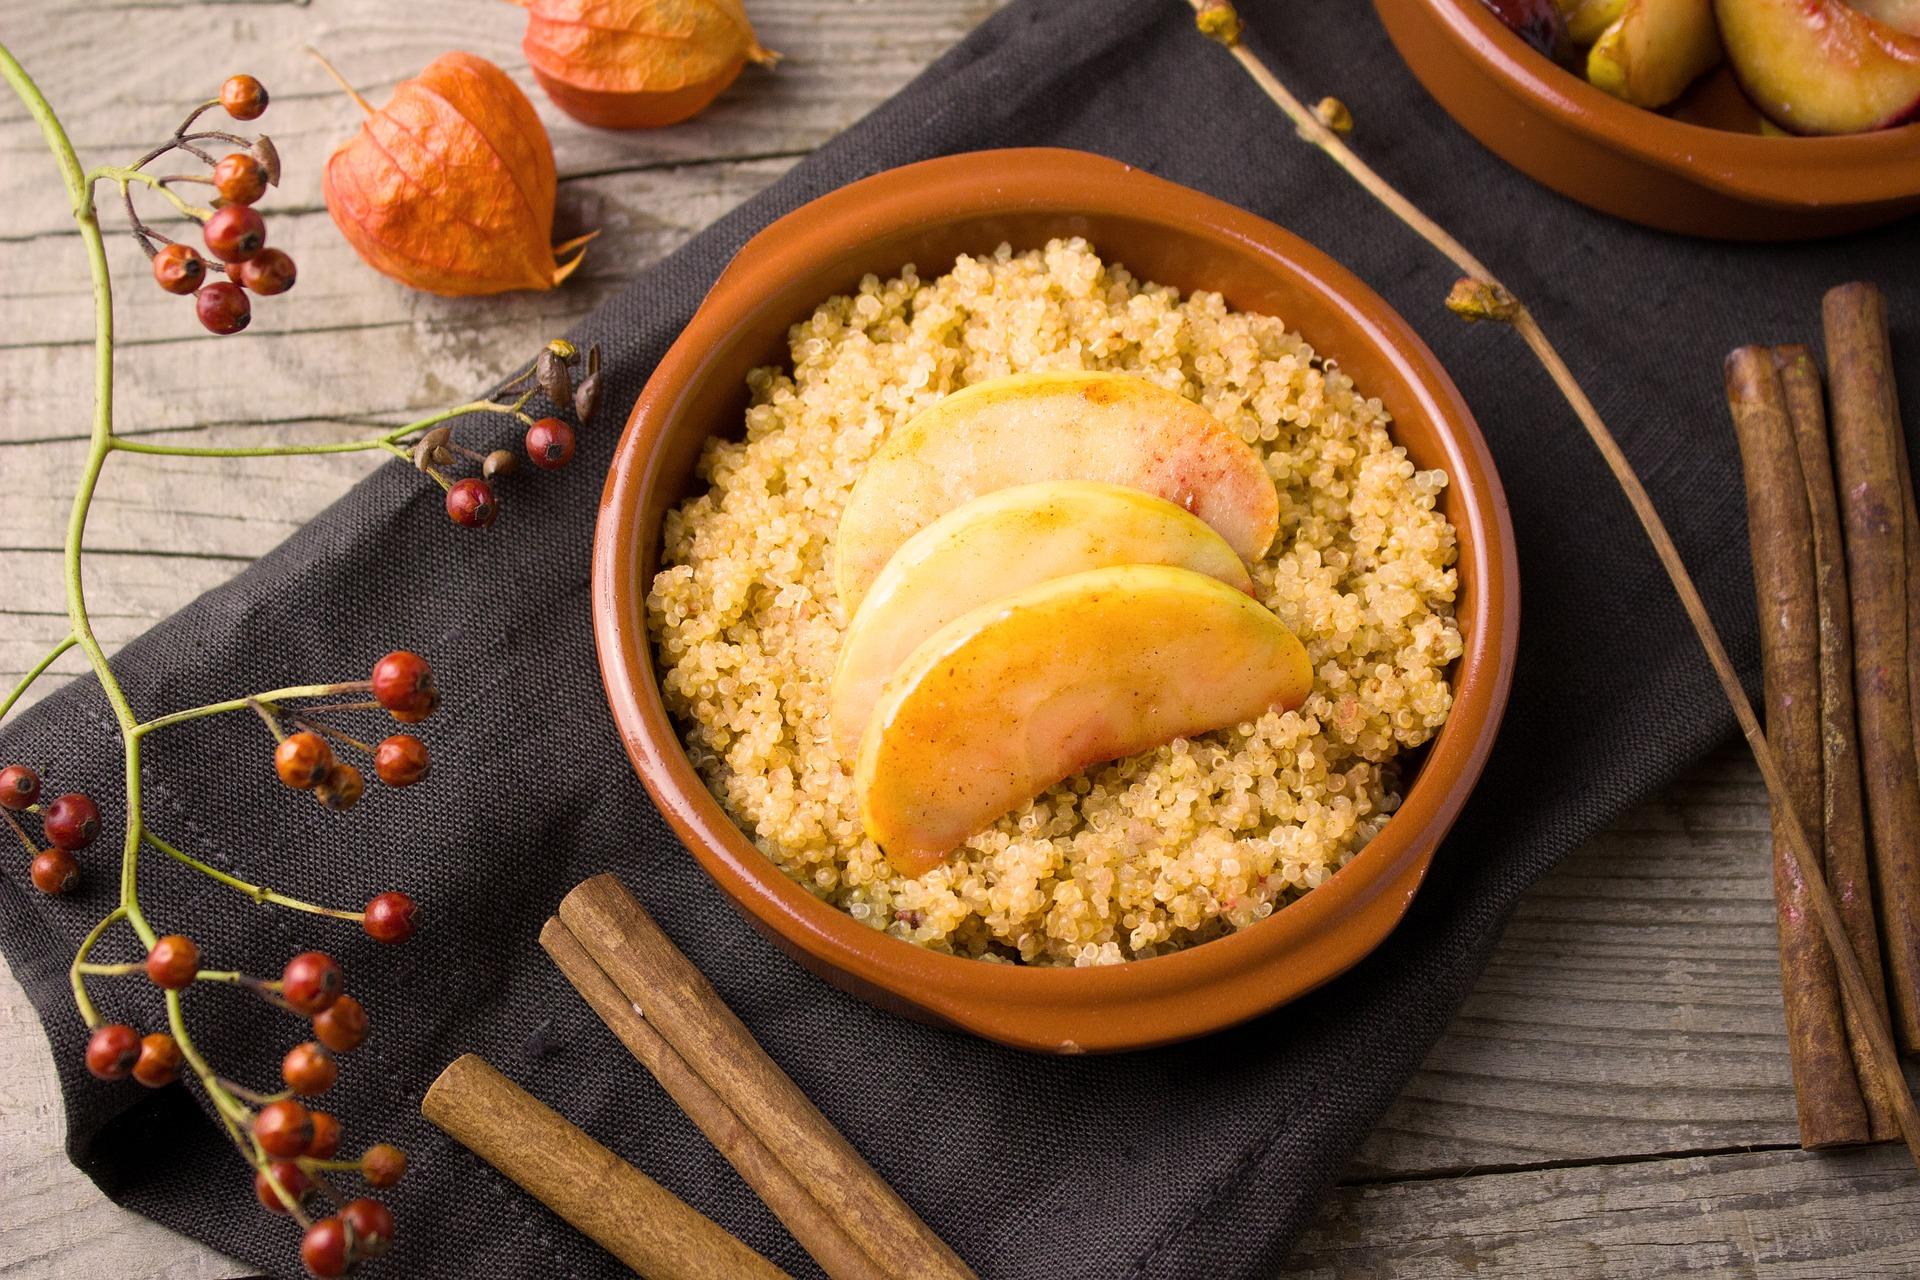 Adventliches Arrangement mit Quinoa, Apfel und Zimt.